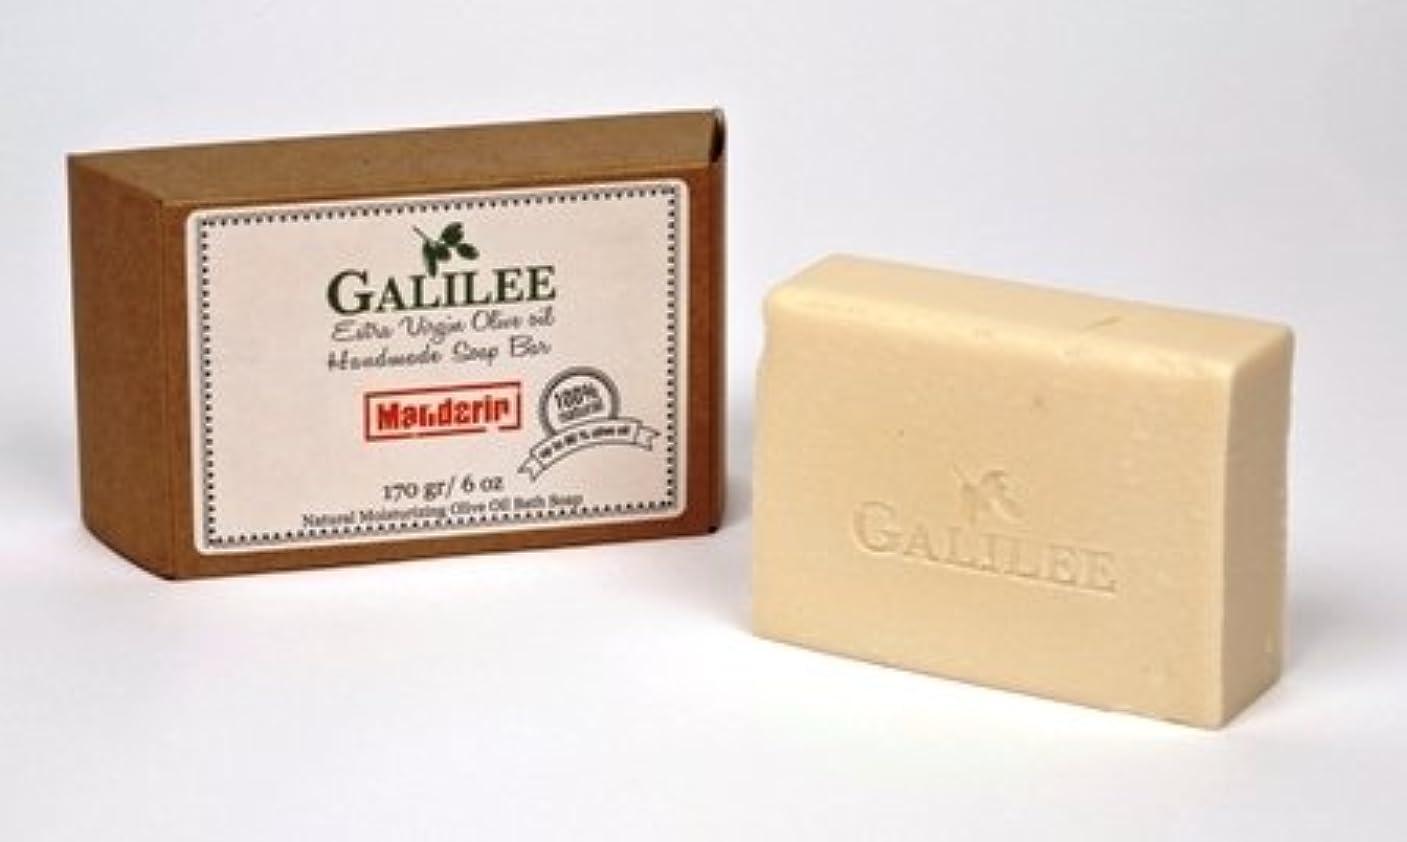 愛アンカーステレオGalilee Olive Oil Soap ガリラヤオリーブオイルソープバー 6oz ローズマリーミント&オリーブオイル